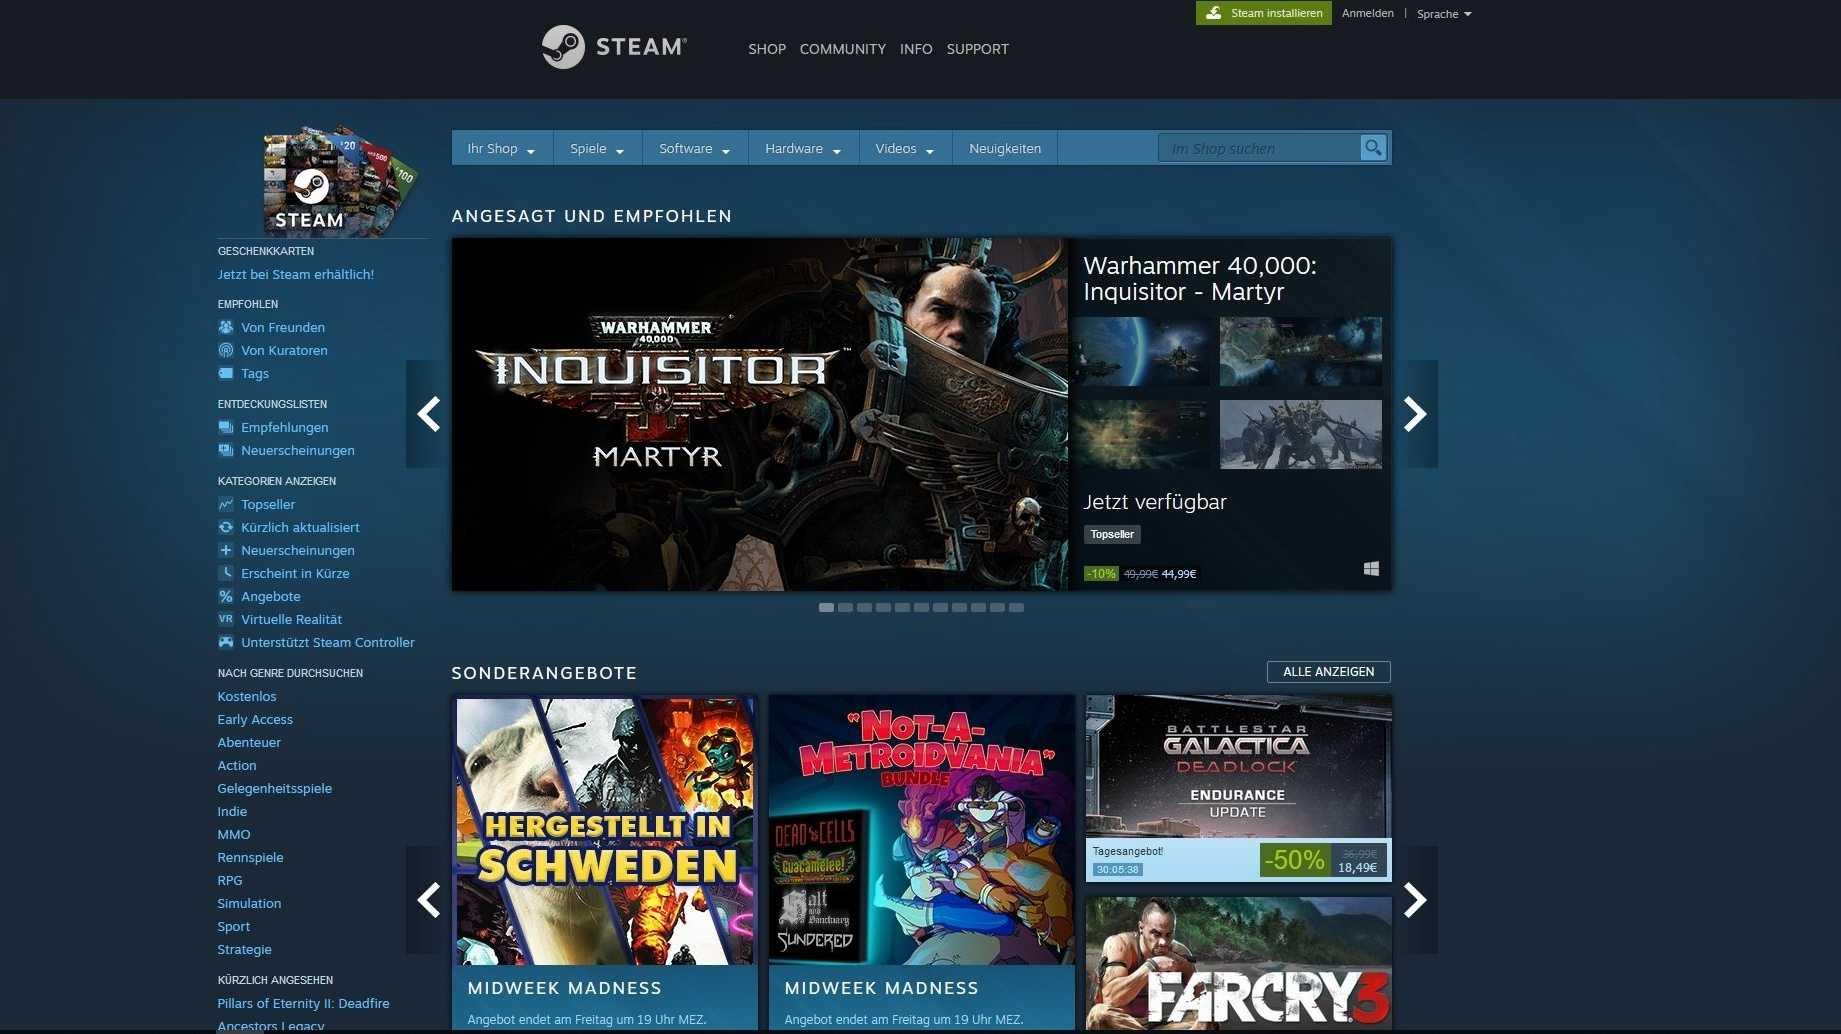 Kontroverse Spiele auf Steam: Valve will sich weniger einmischen